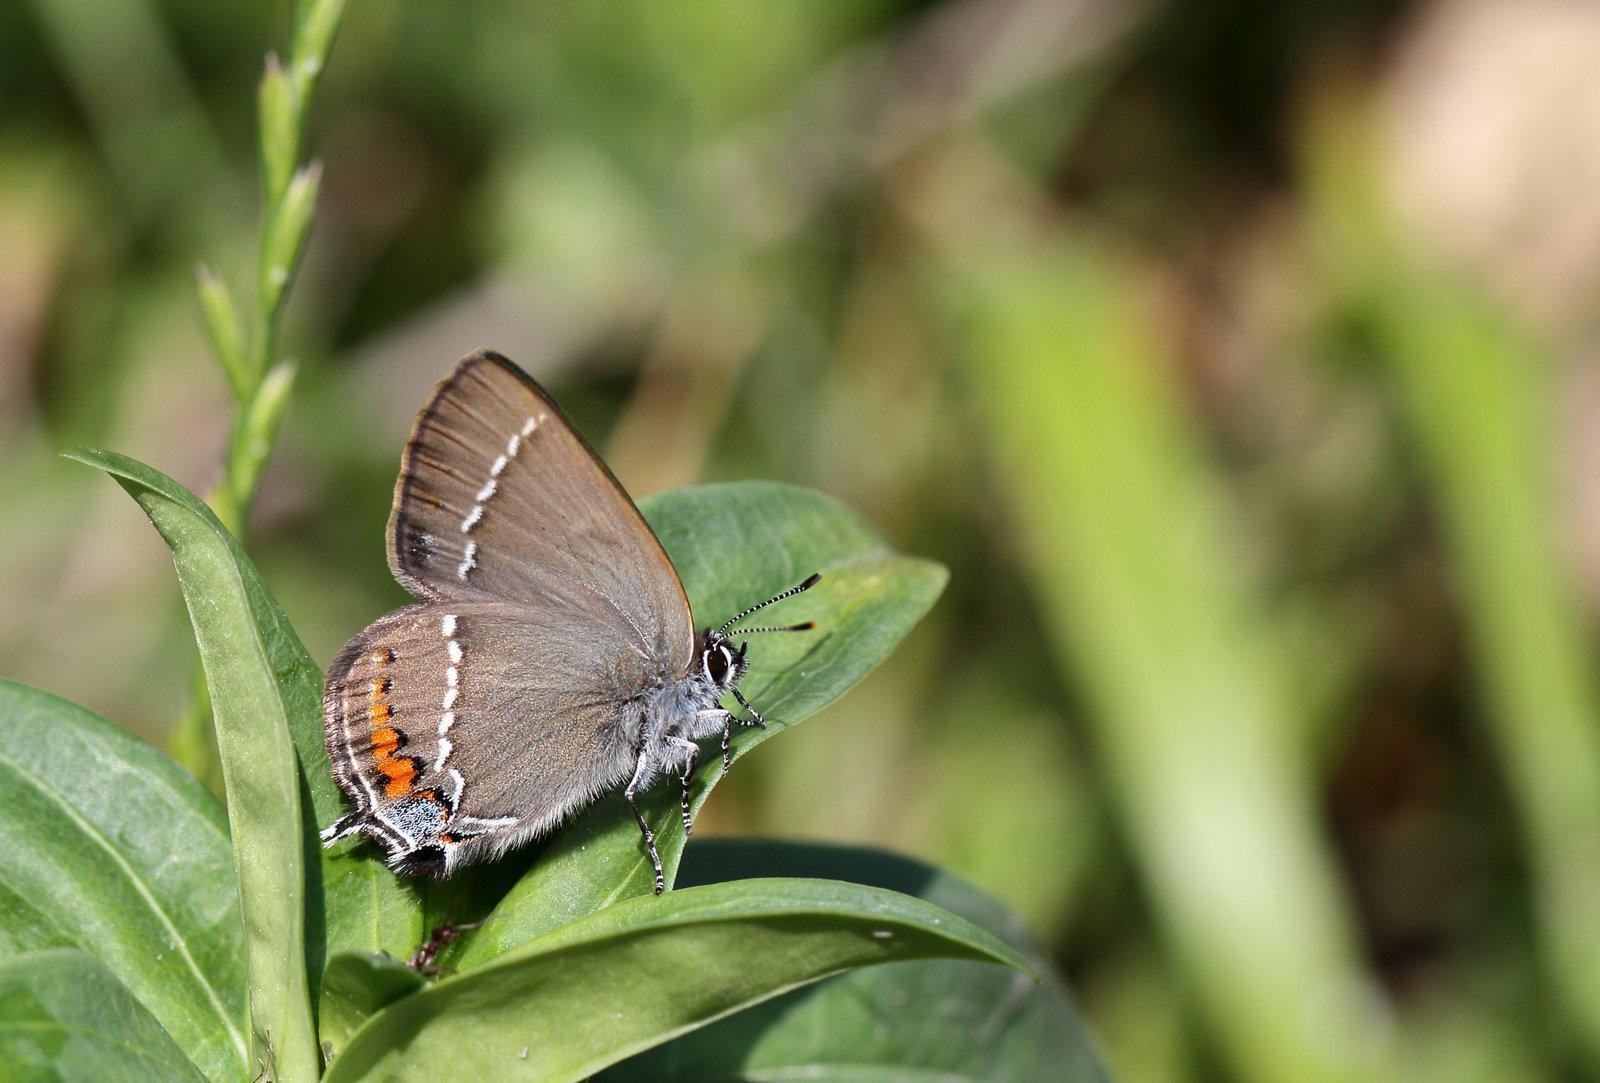 Vrietornsommerfugl - Satyrium spini